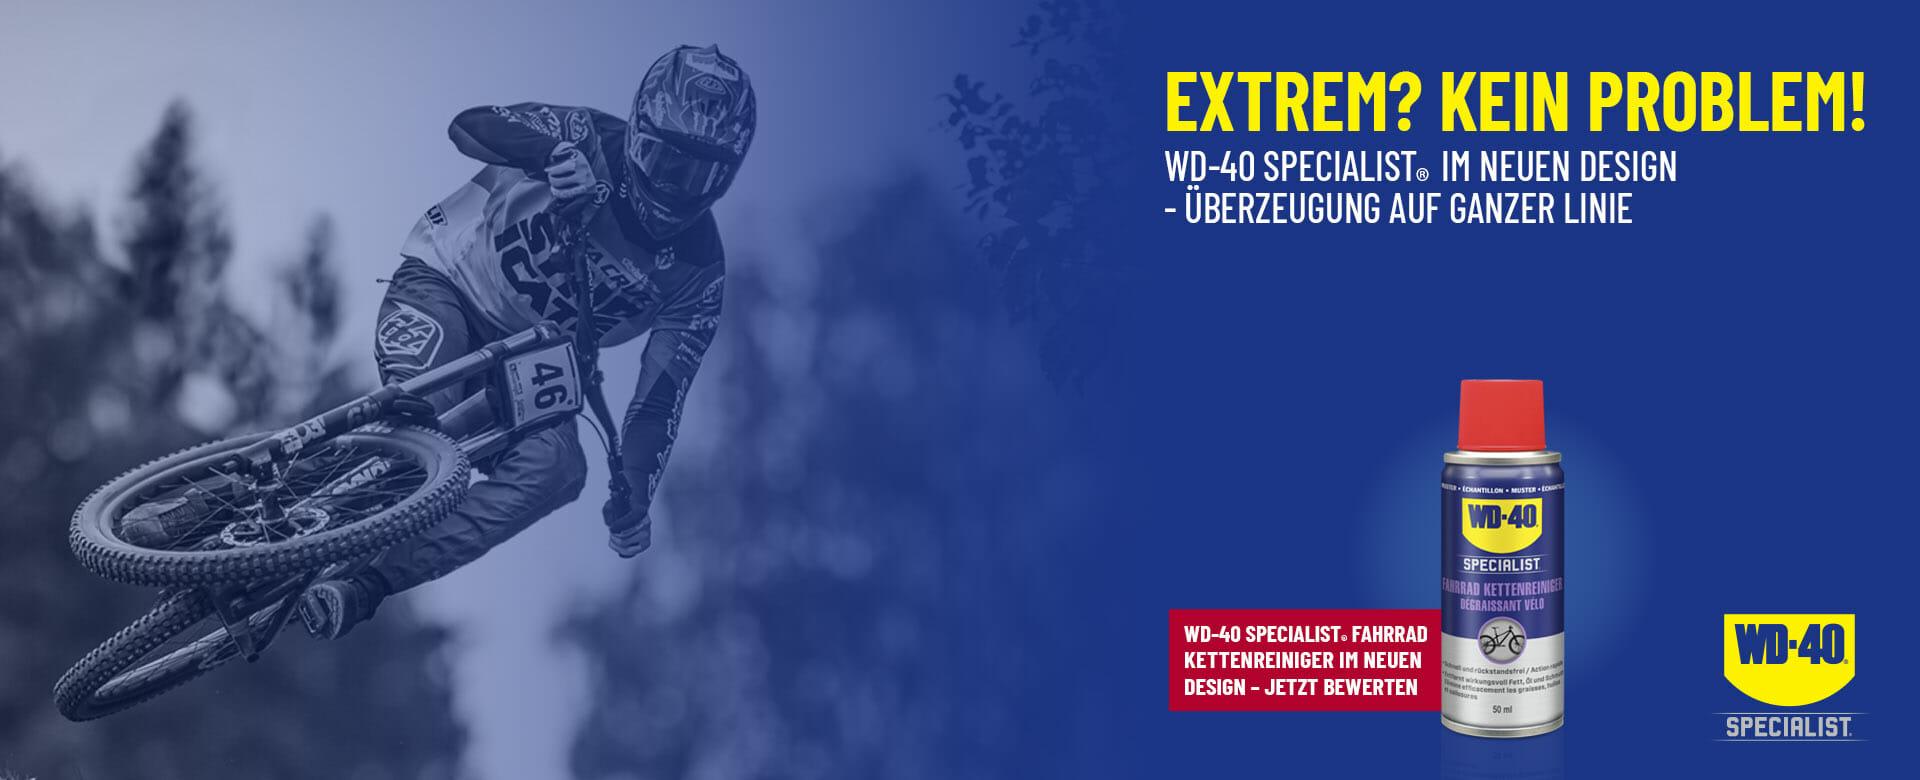 new wdc 21 0009 specialist bike sample lp 1080x1177px rz